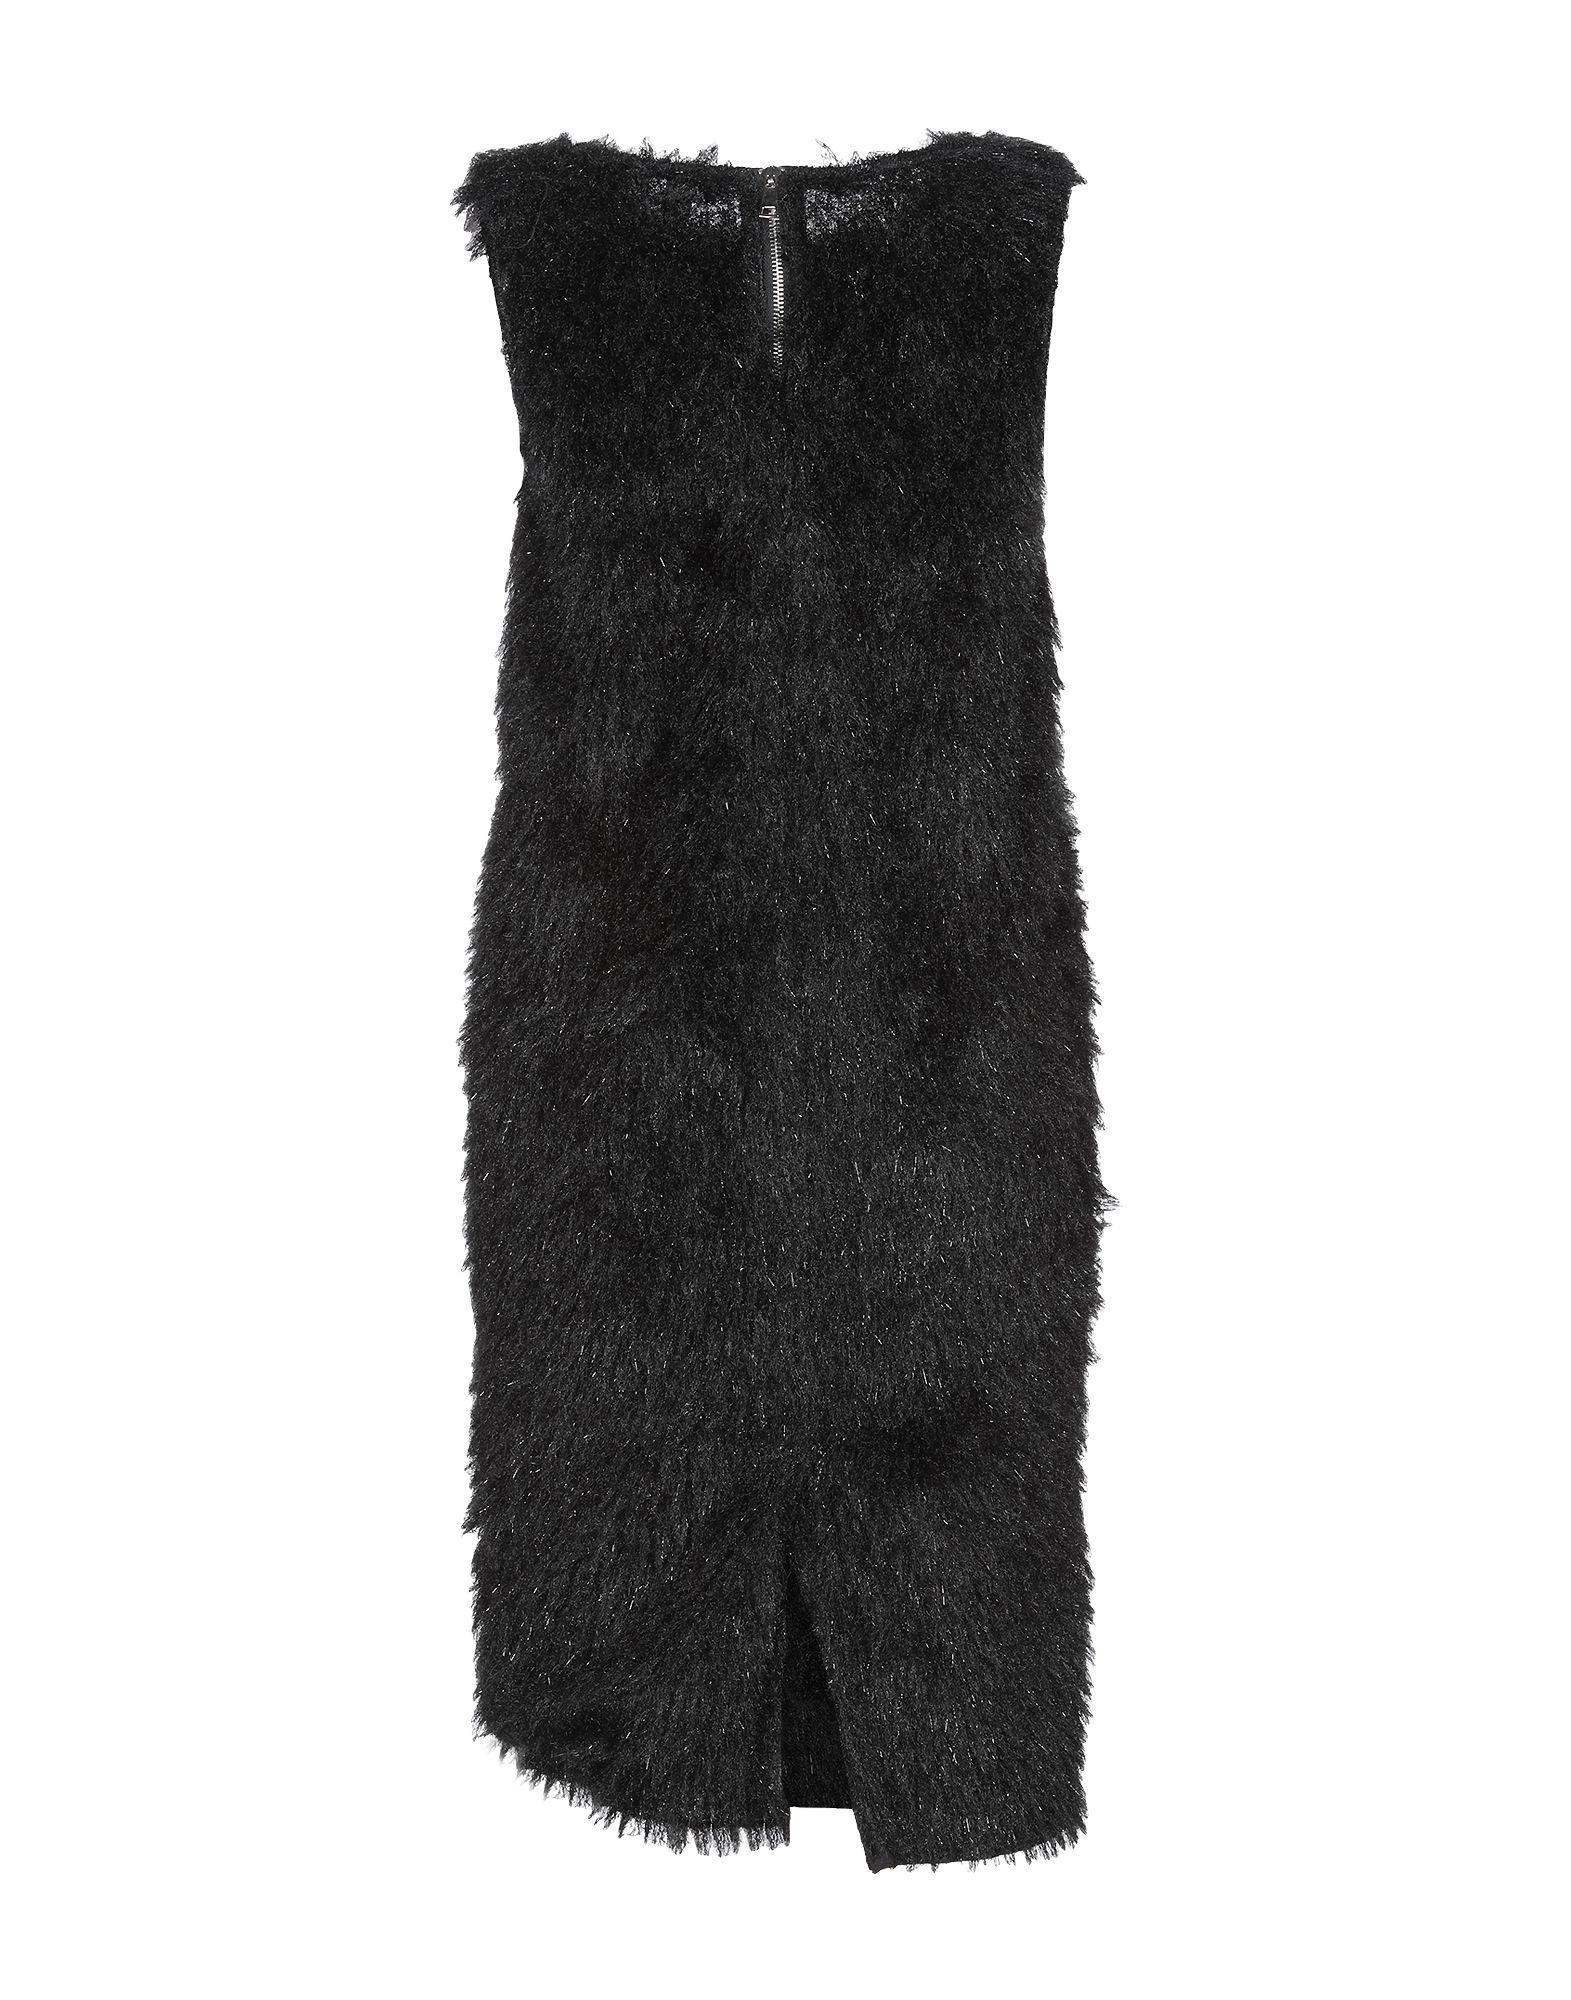 Souvenir Black Faux Fur Dress